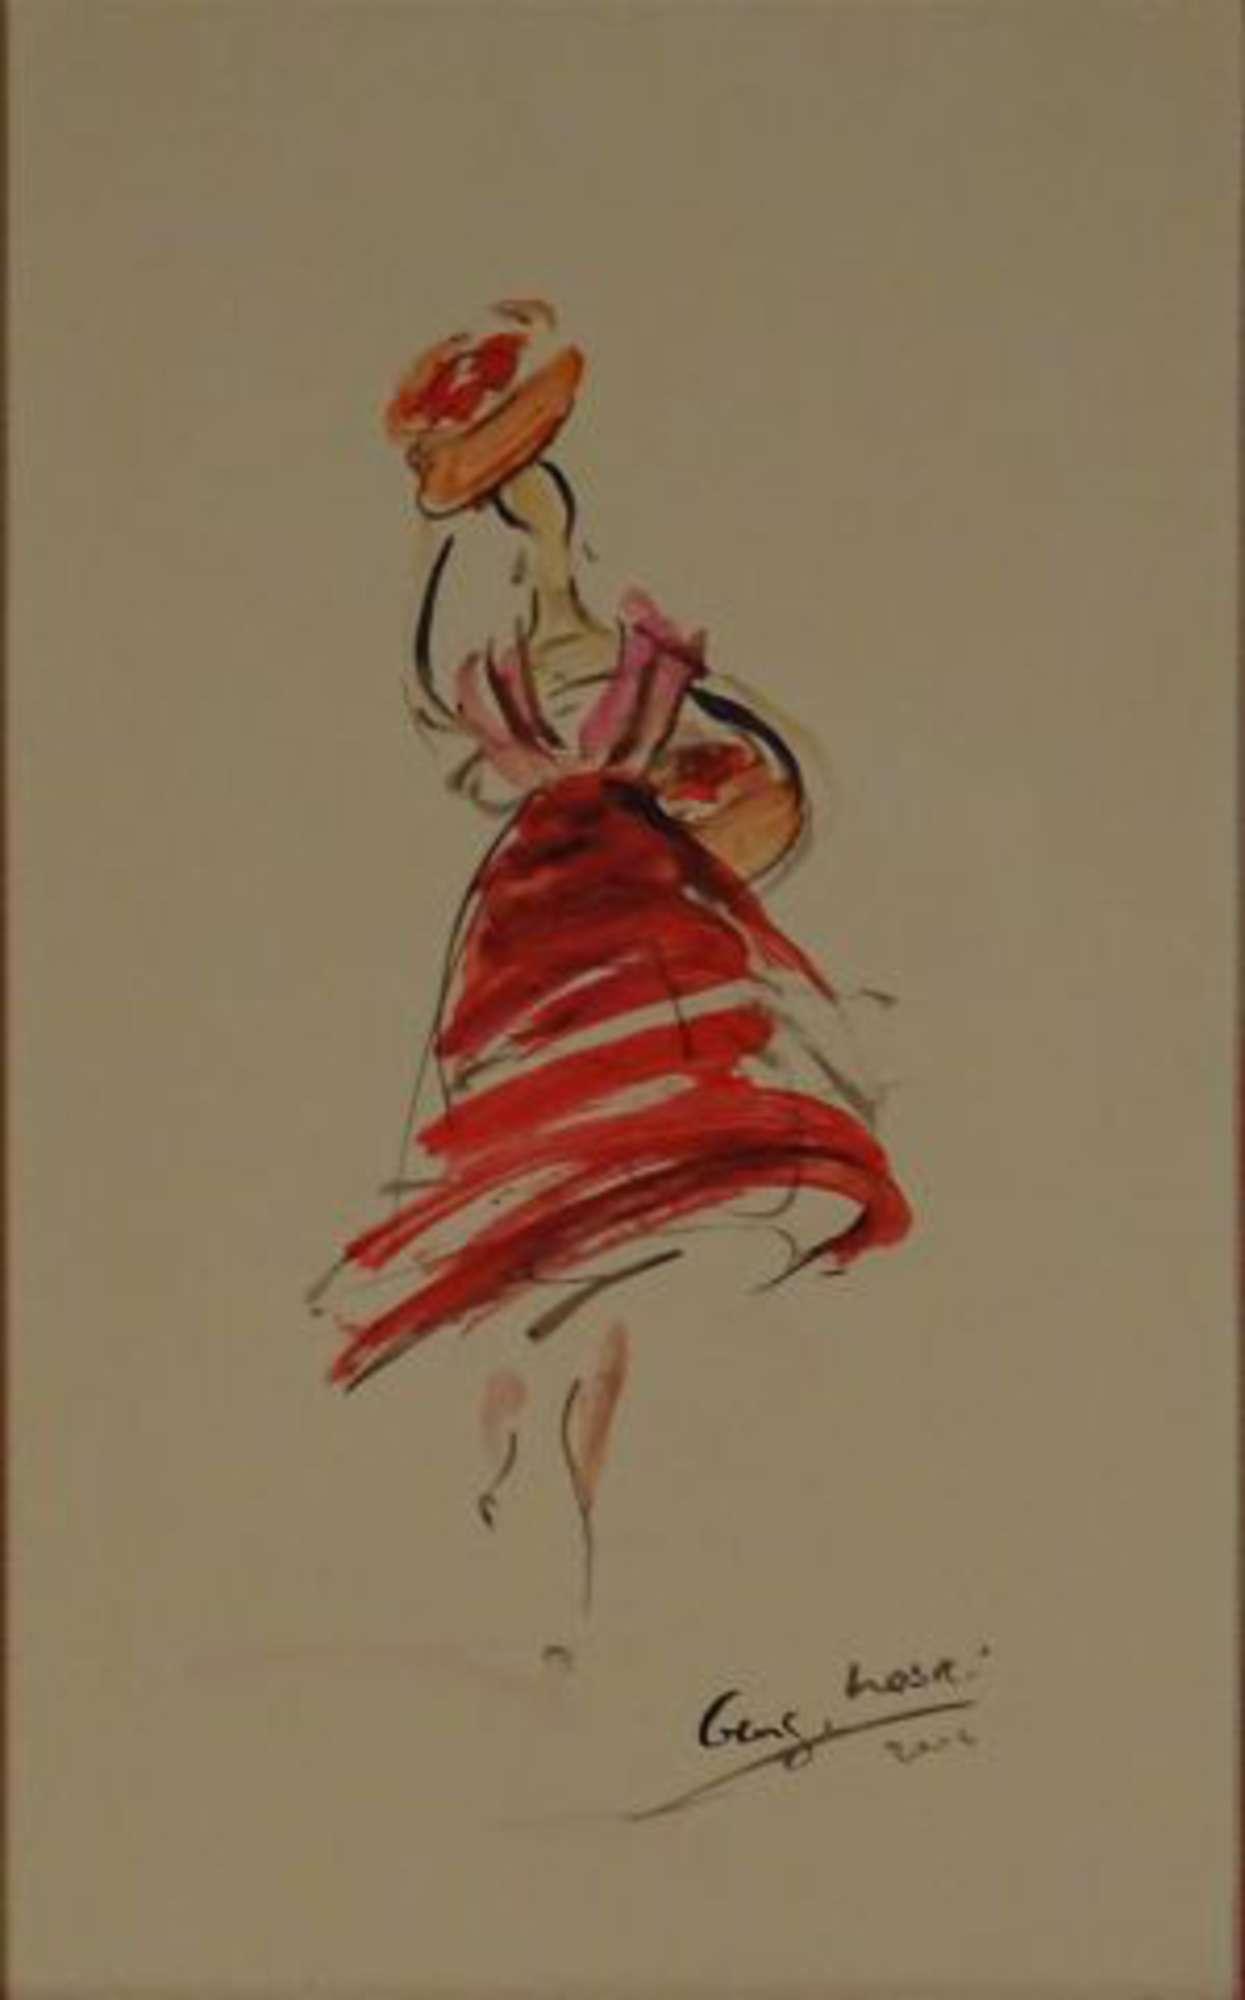 Nasri Georges 1948 Danseuse Espagnole Aquarelle Signee En Bas A Droite Datee 2004 52 X 32 Vente Aux Encheres Tableaux Modernes Et Contemporains De 1870 A Nos Jours